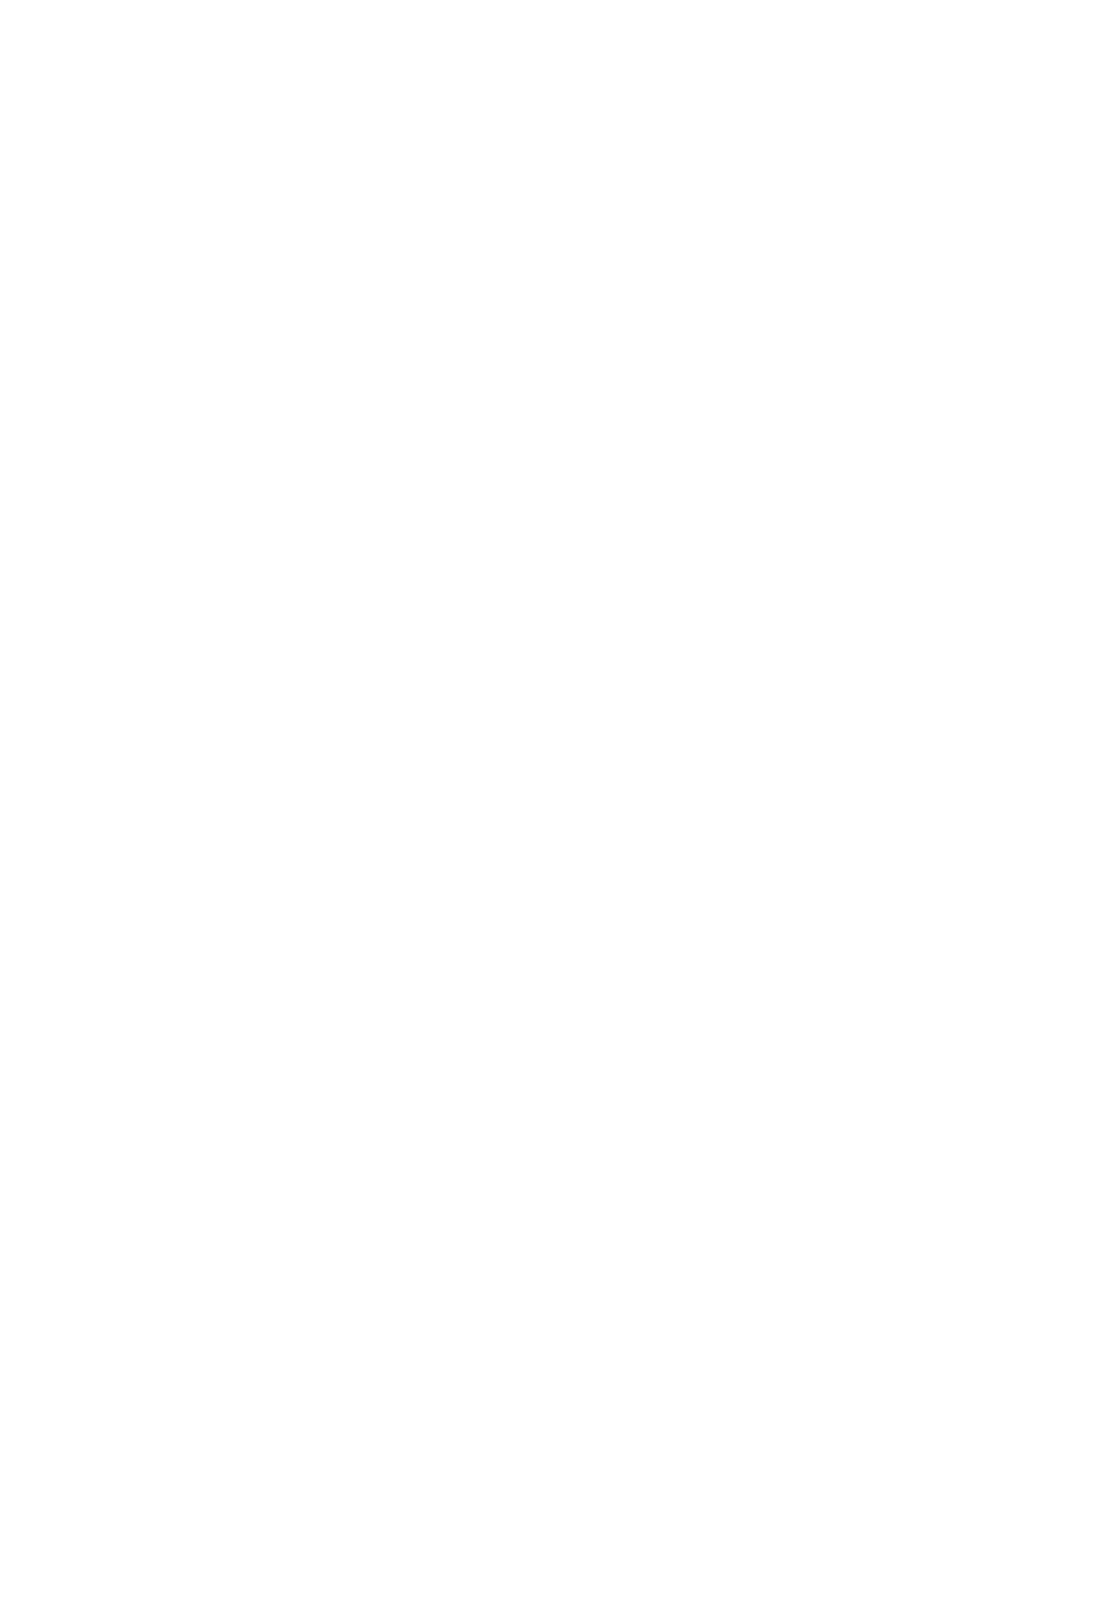 (C74) [L.L.MILK (Sumeragi Kohaku)] Inn-Yan-FOR (Dragon Quest IV) 34